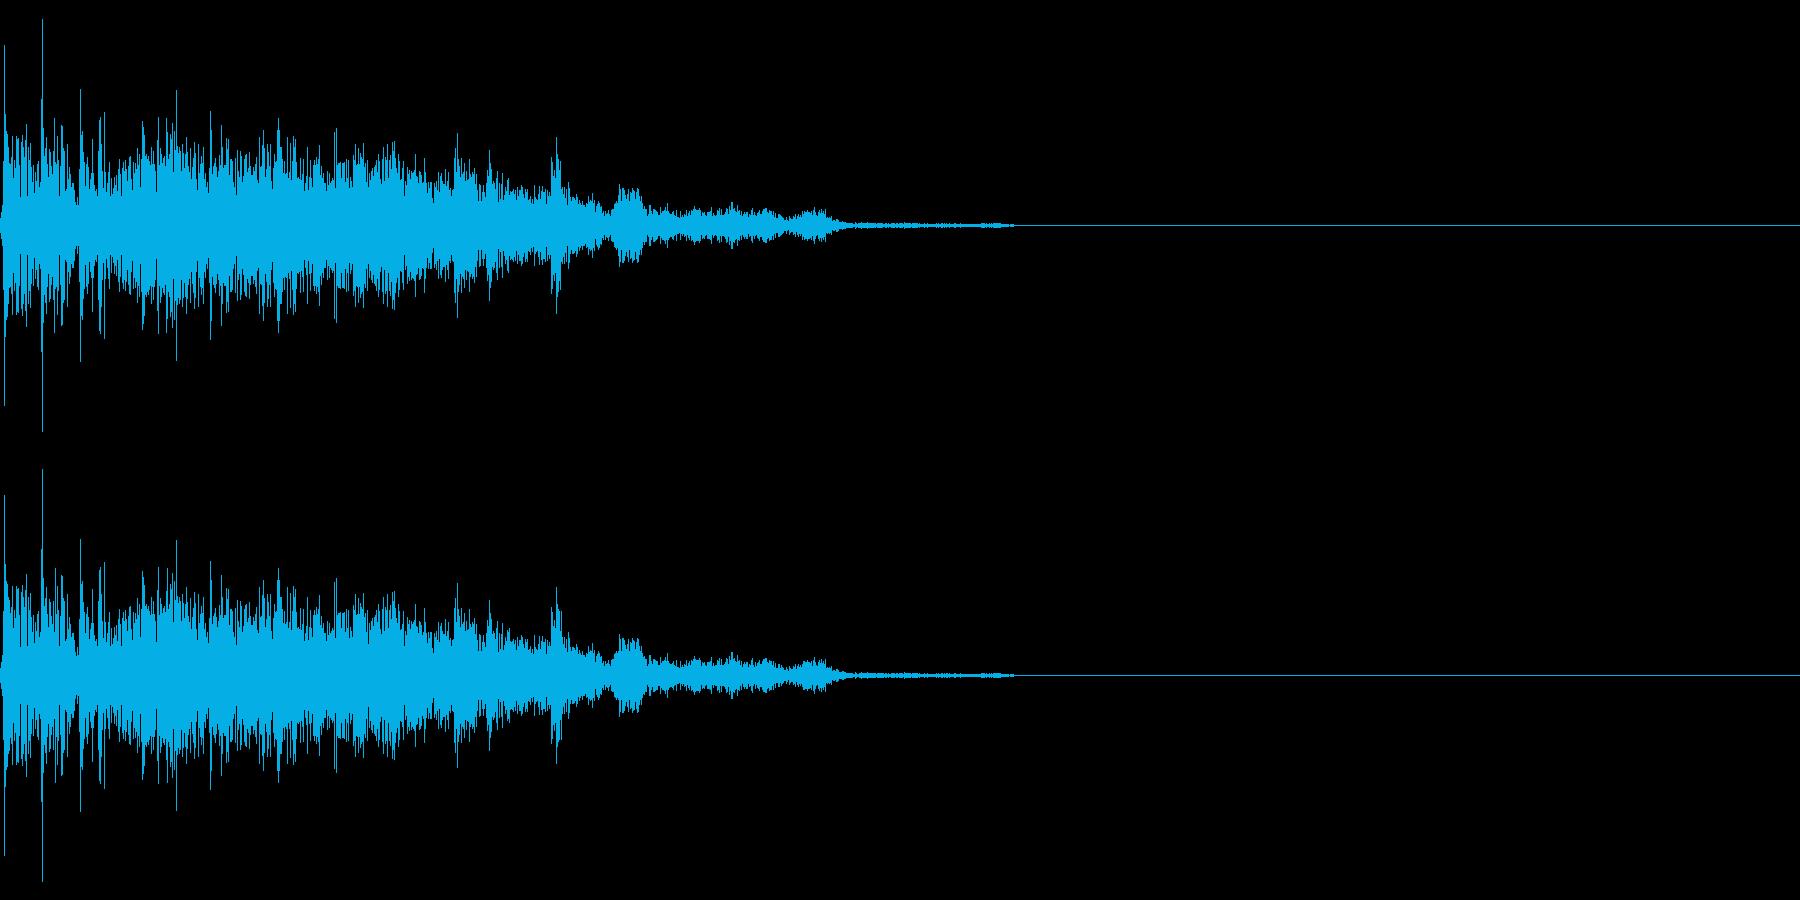 レトロゲームにありそうな ショット音の再生済みの波形